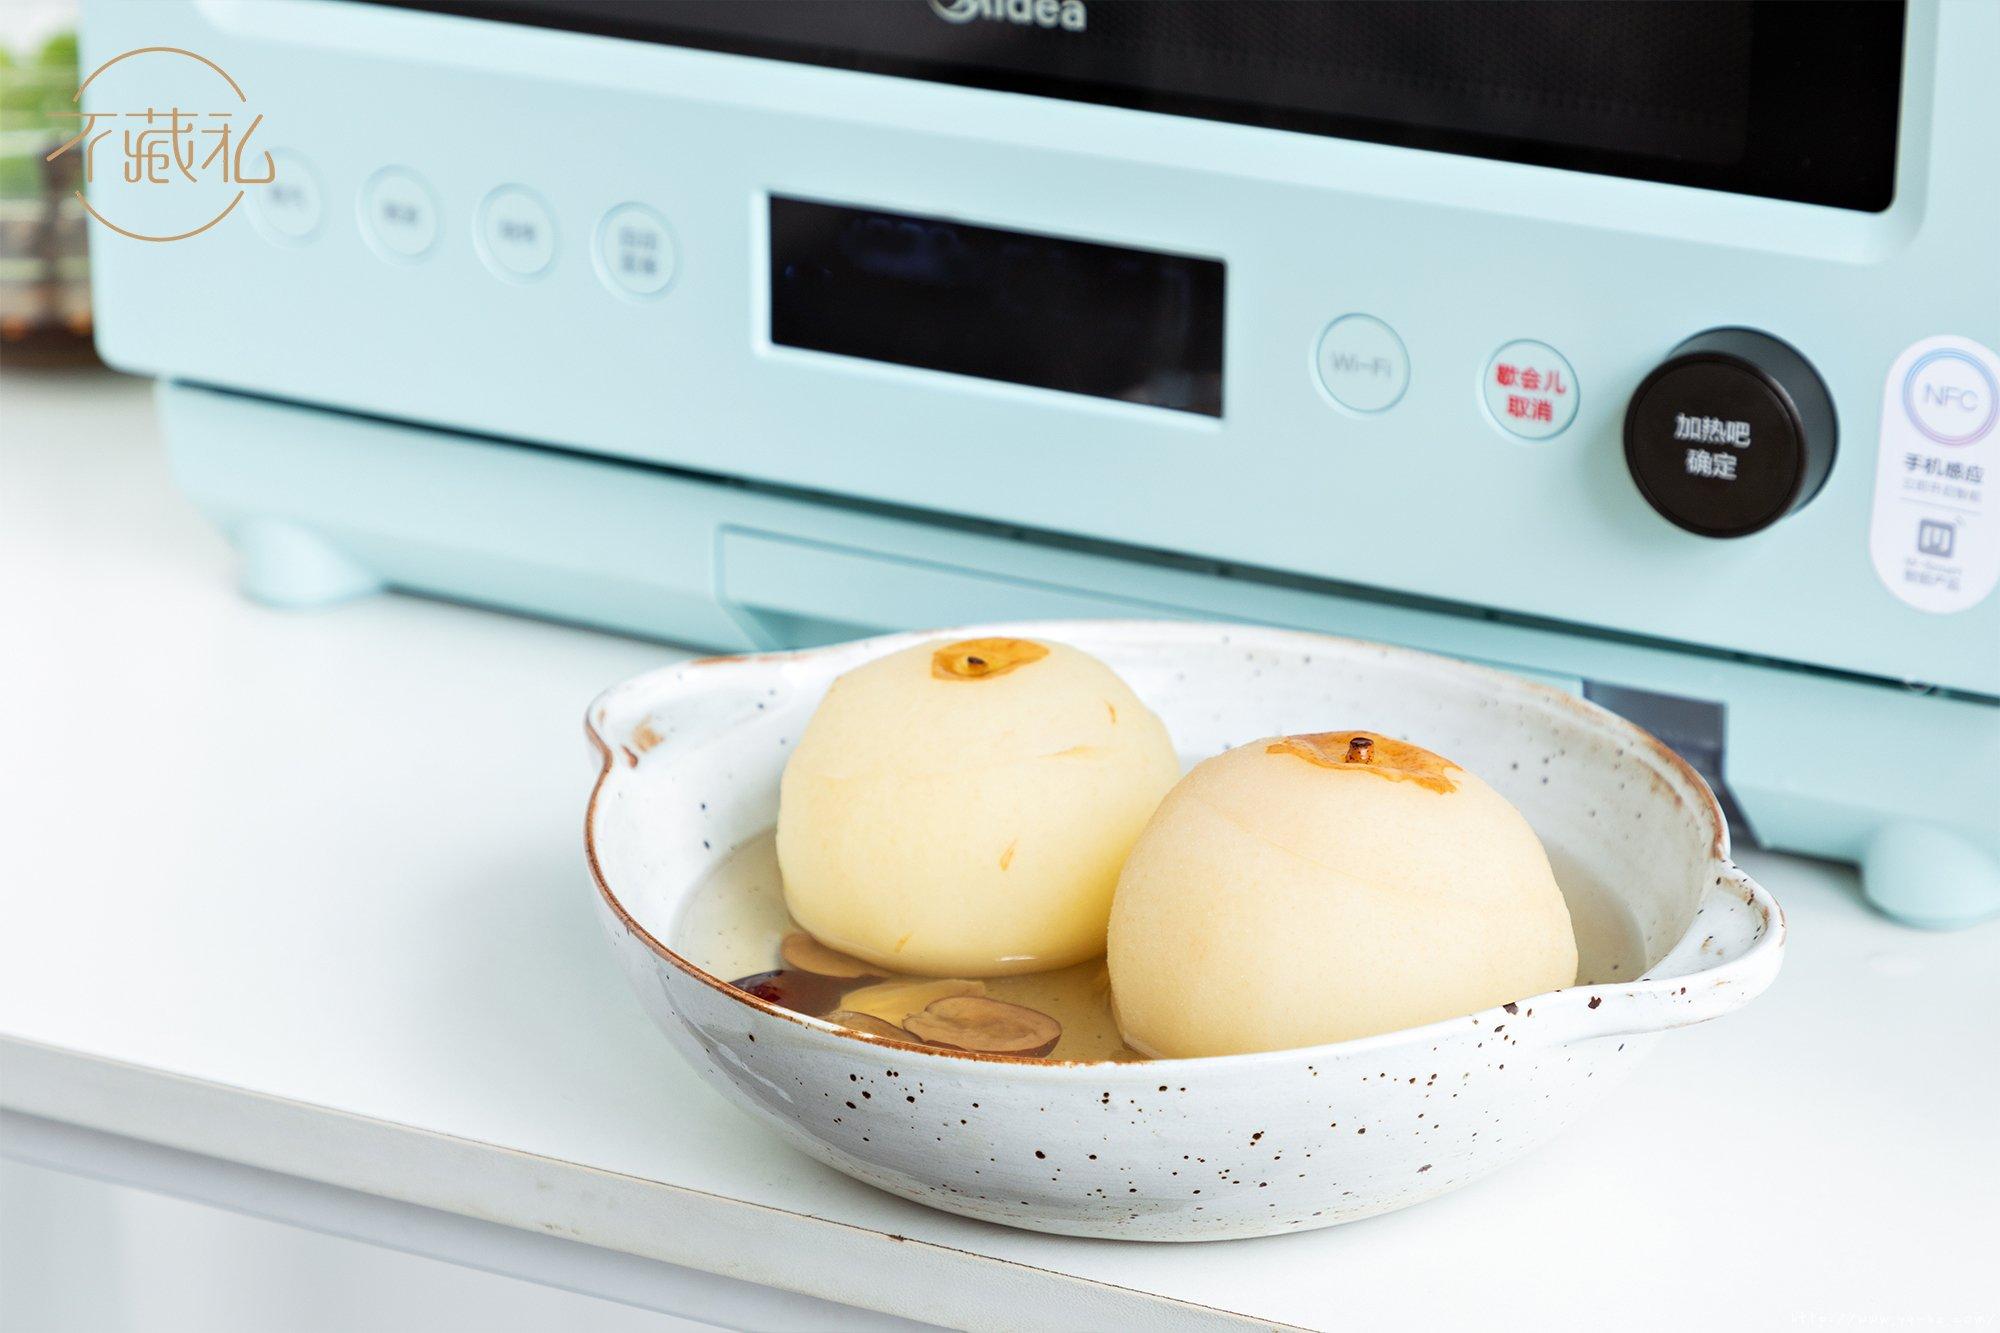 3款快手甜品:马克杯蛋糕、香橙蒸蛋糕、百合冰糖炖雪梨 【不藏私】的做法 步骤19